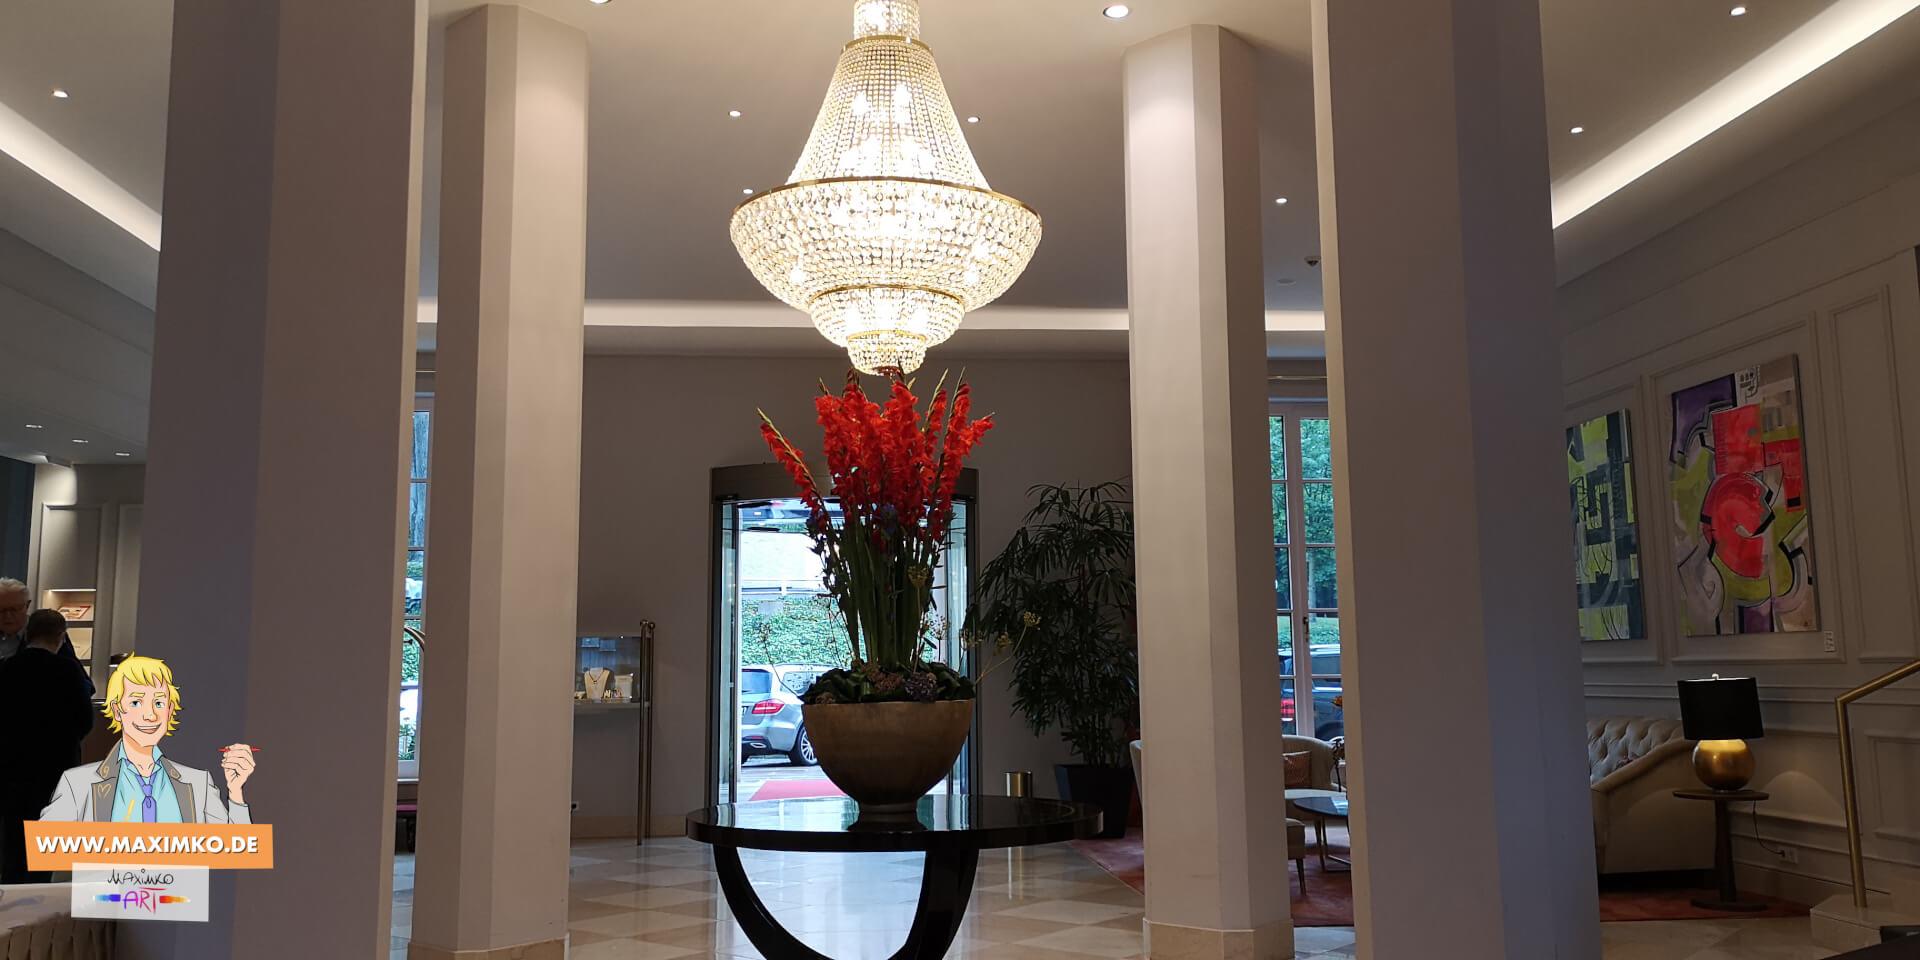 steigenberger grandhotel eingangsbereich maximko